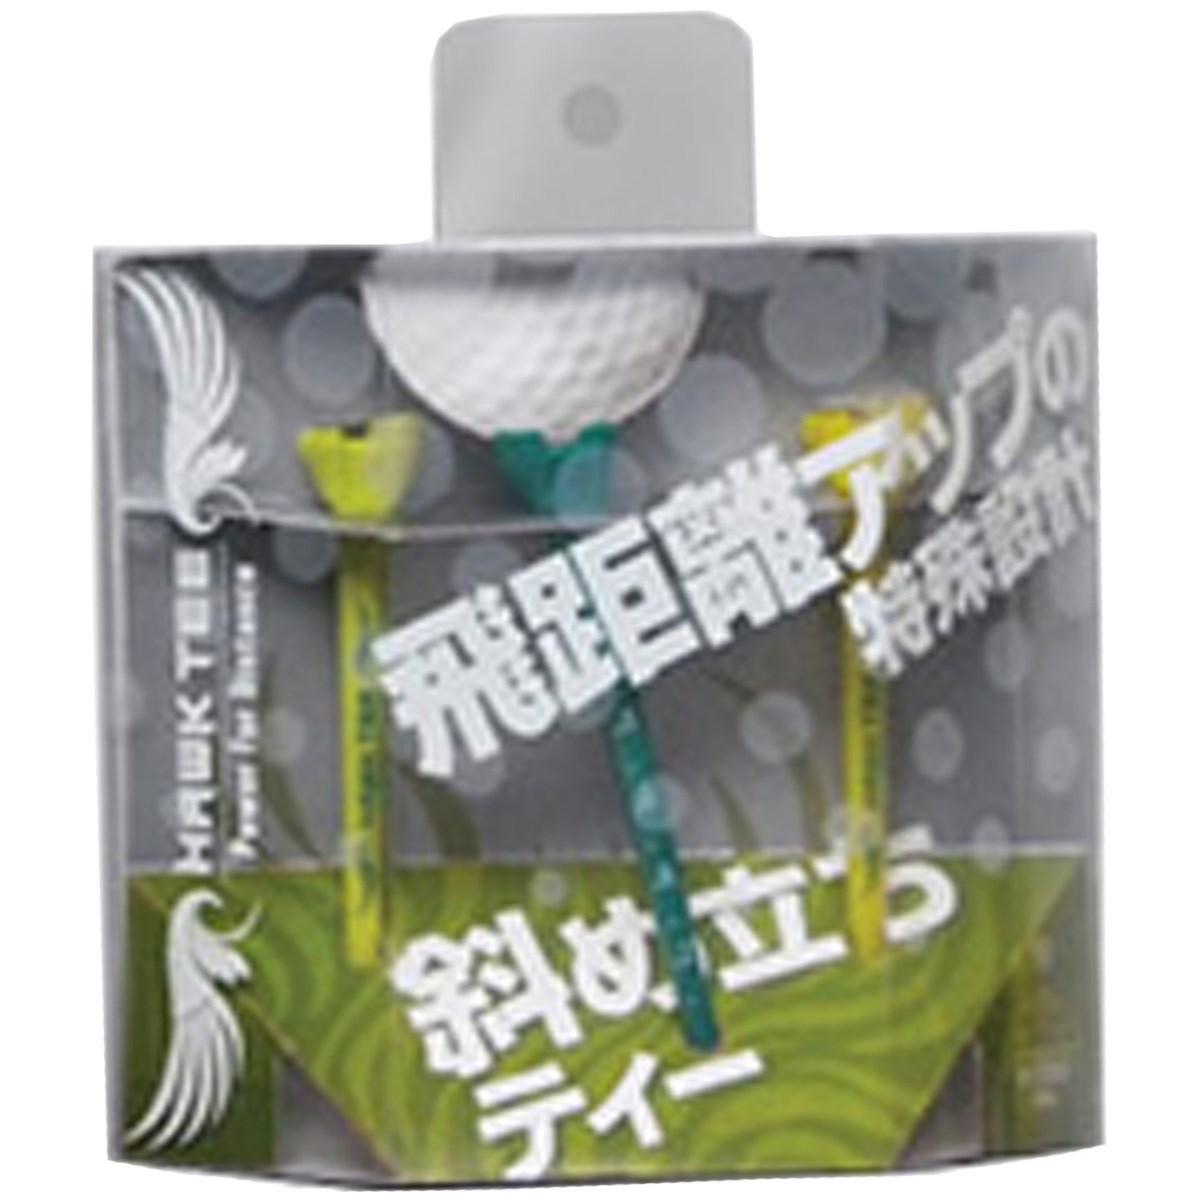 その他メーカー ホークティー ドラコン競技公認ティー 85mm(3本入り)